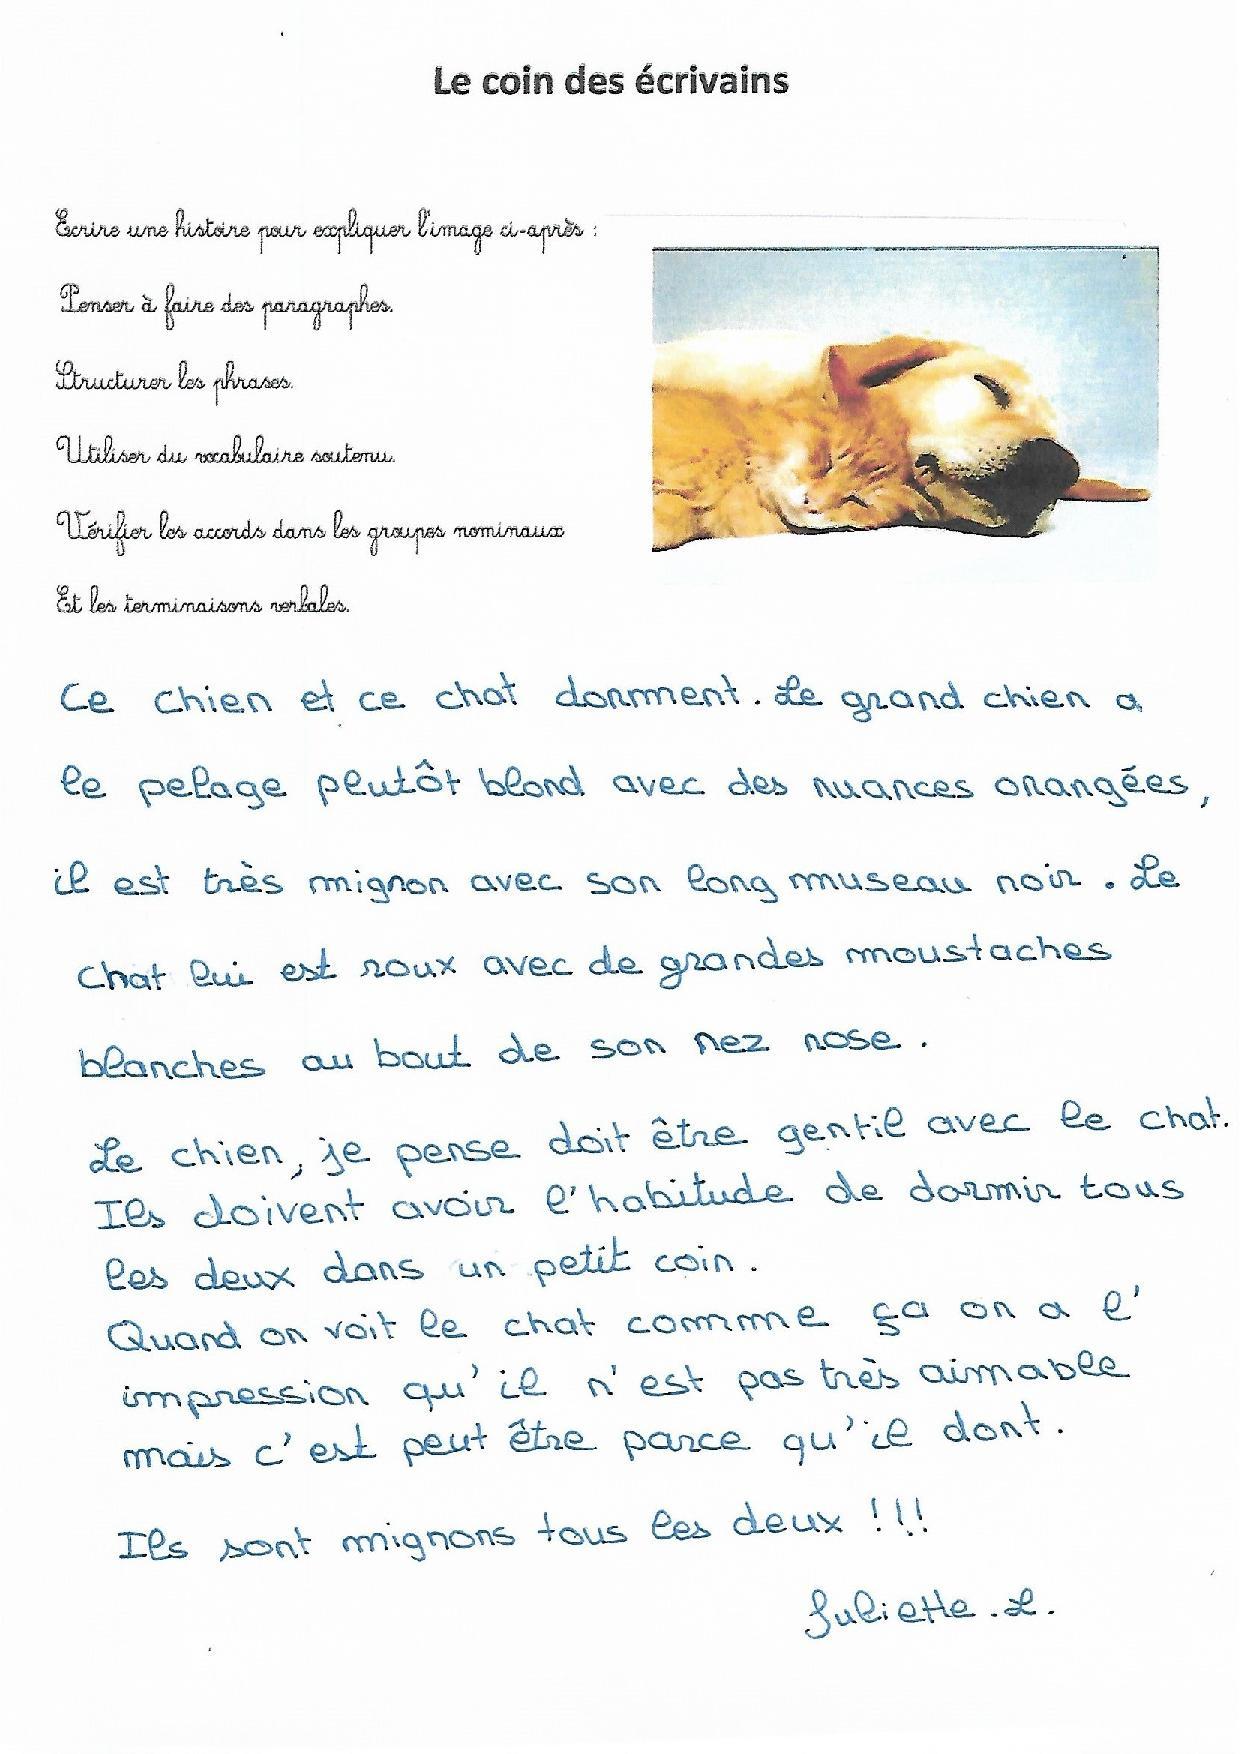 Le coin des écrivains Juliette-page-001